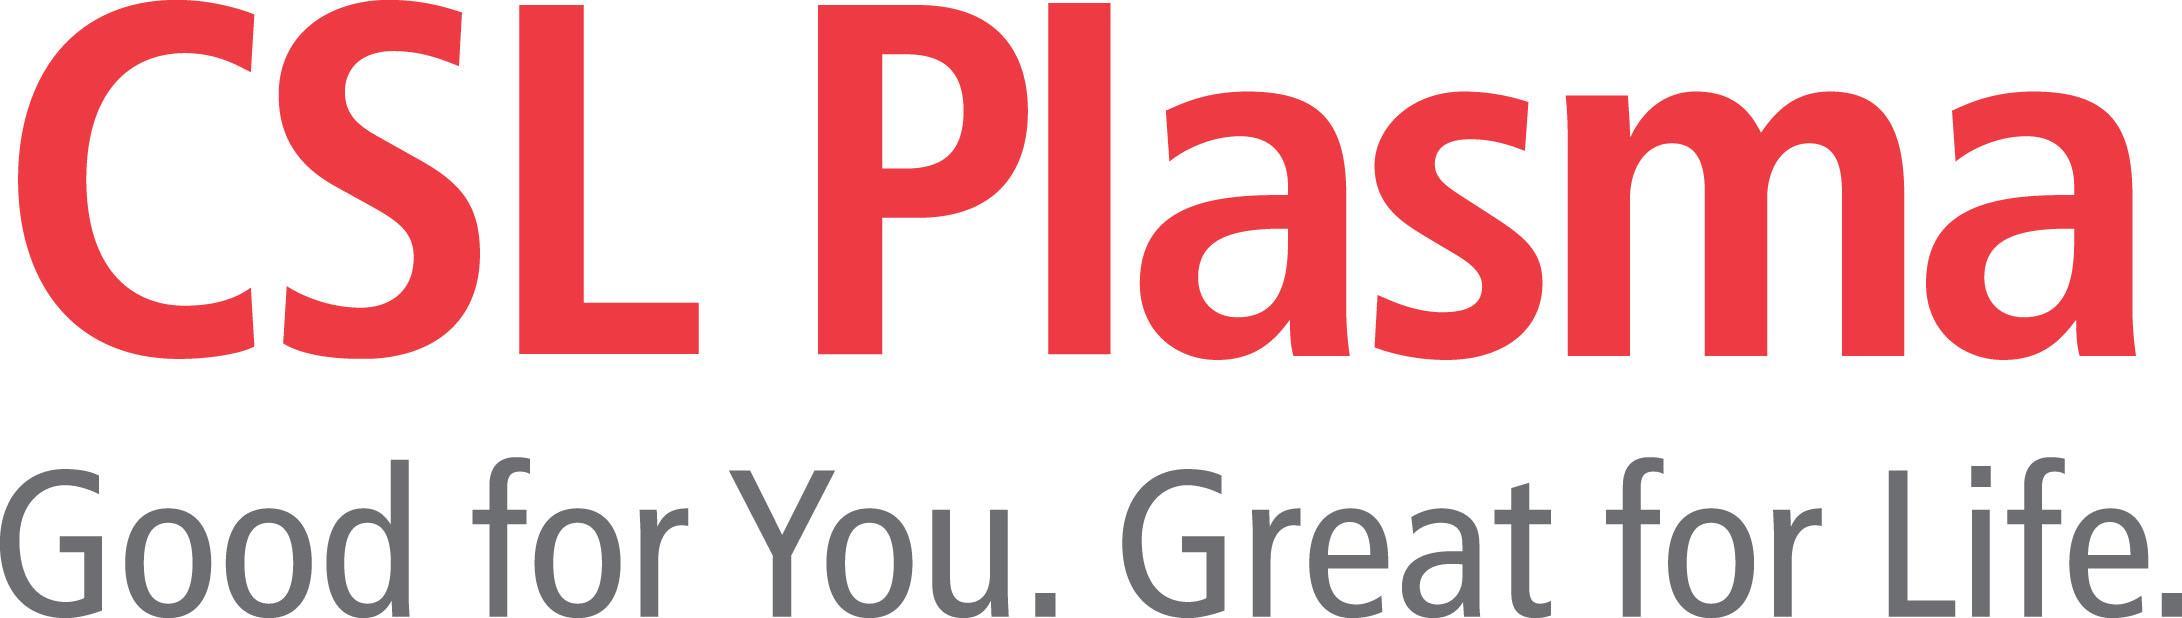 CSL Plasma Logo with Tagline - JPG